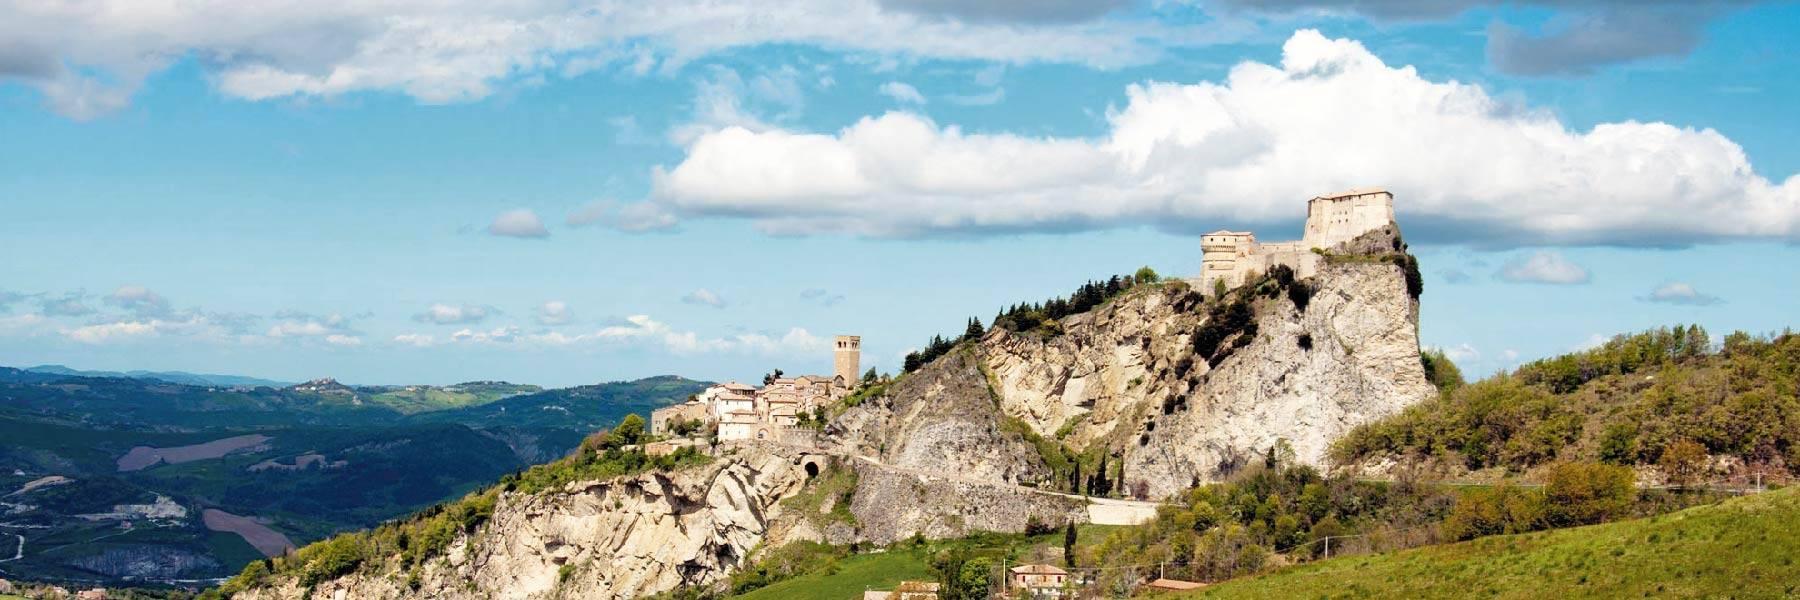 San Leo, cosa visitare in Romagna